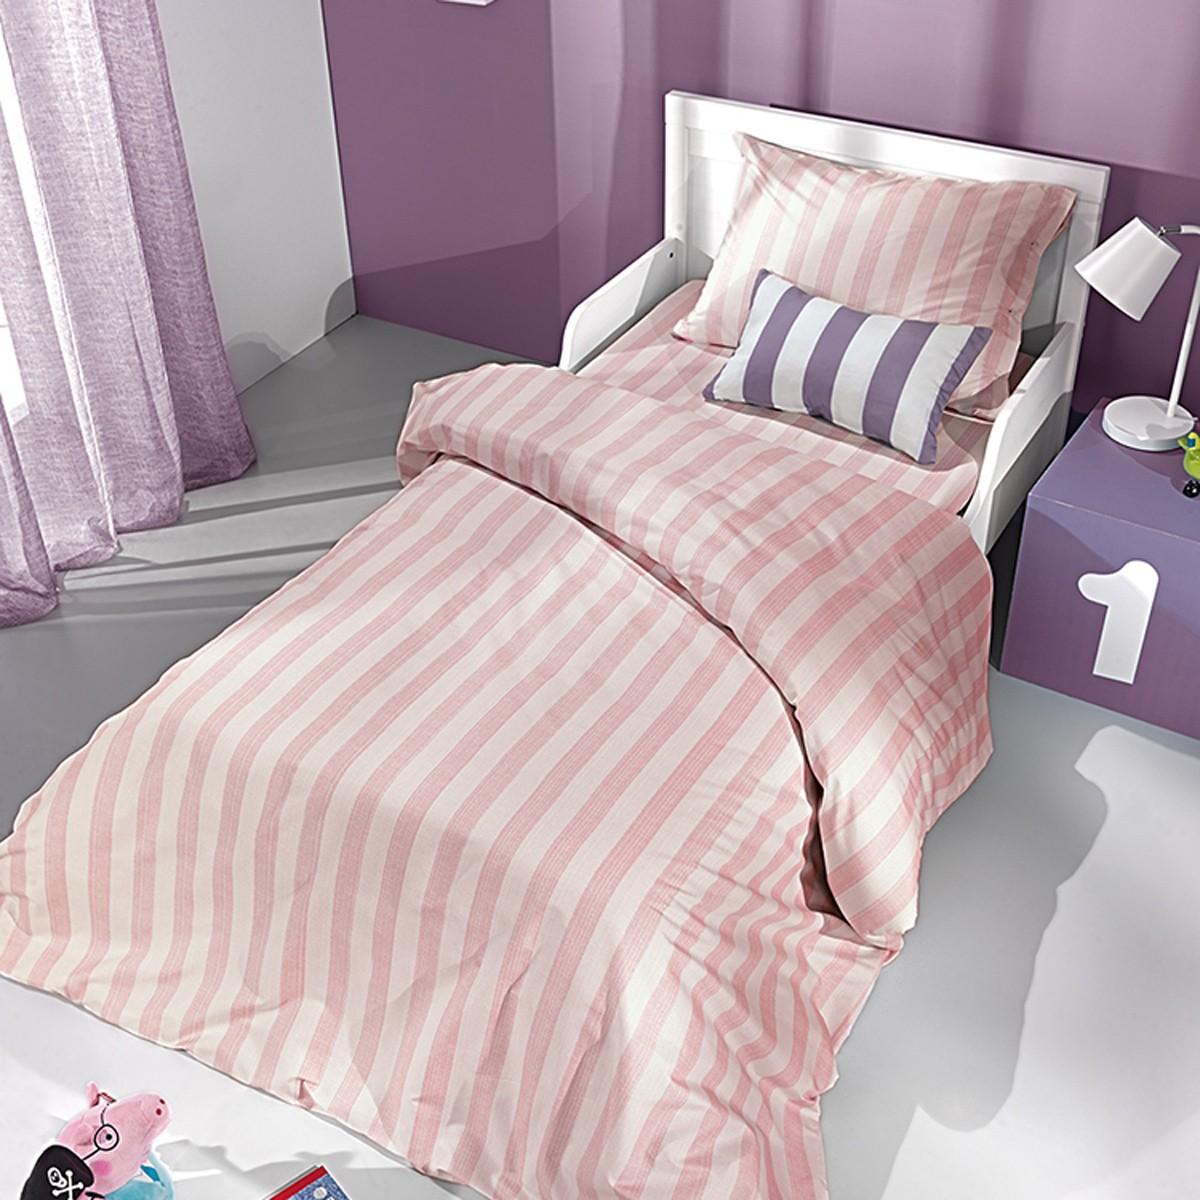 Παπλωματοθήκη Μονή Saint Clair Pink Stripes